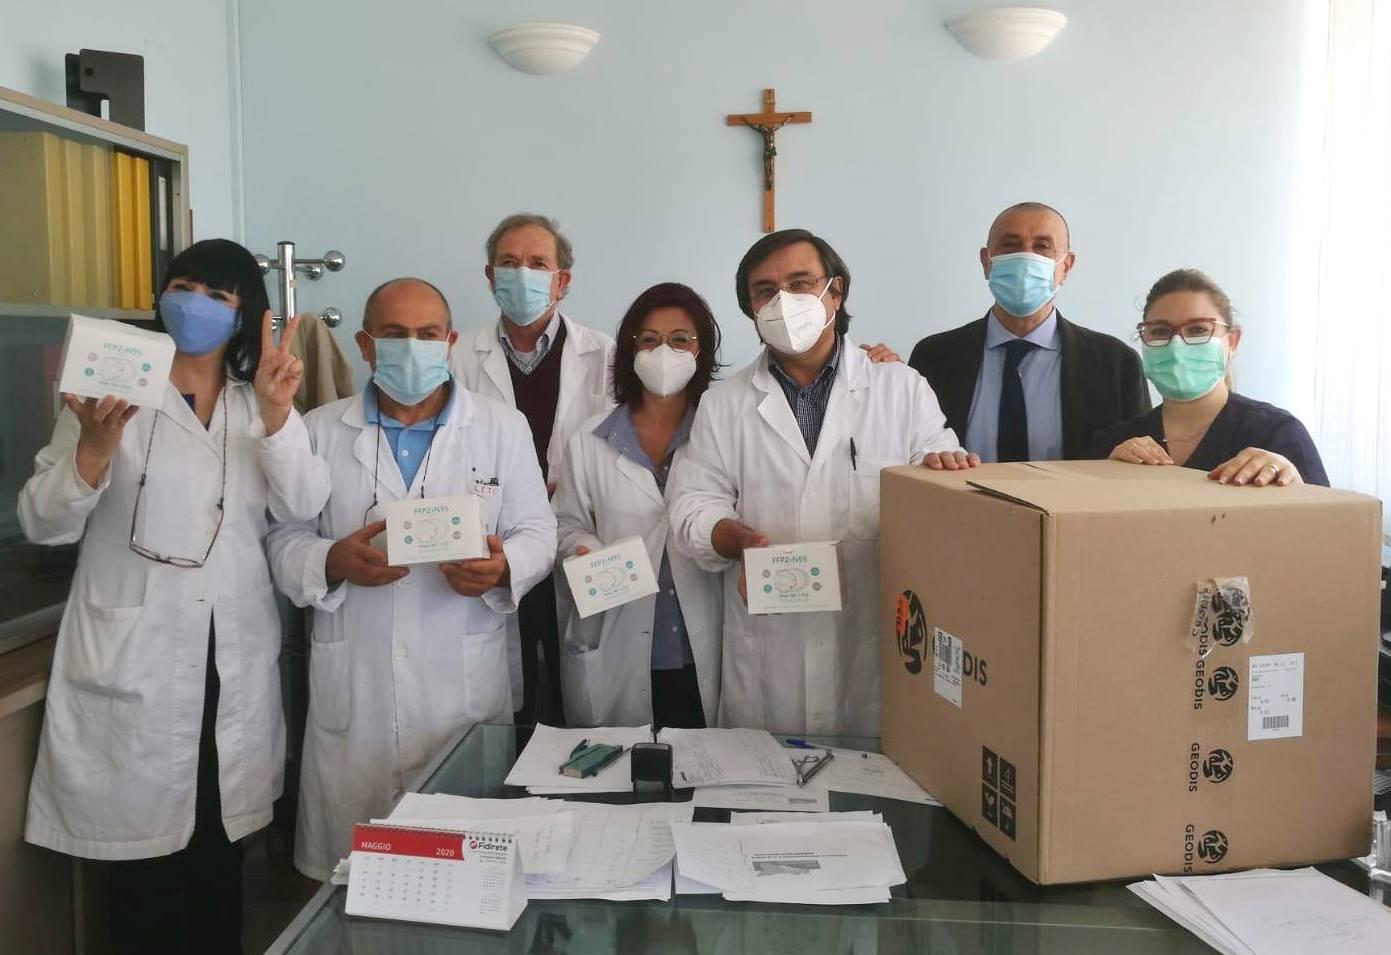 Foto donazione licata